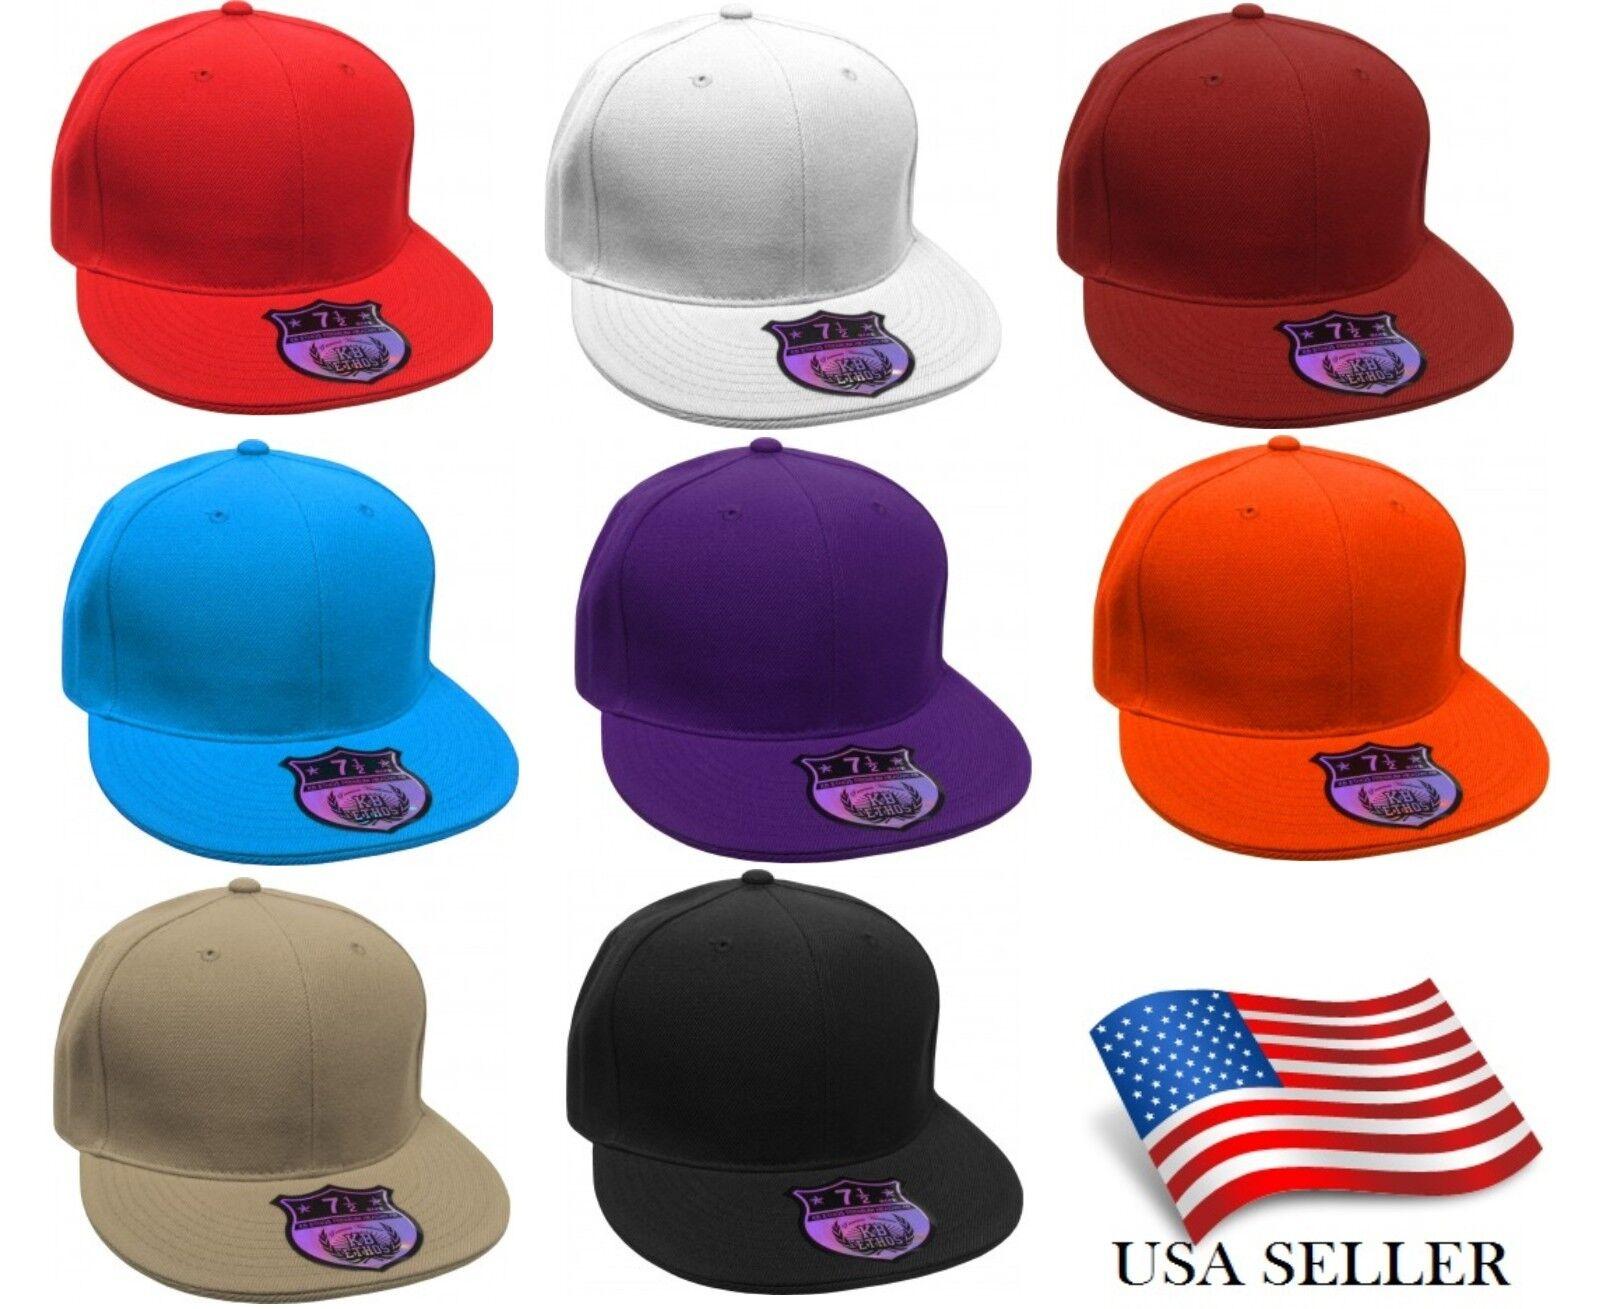 00252d57c8b Premium Solid Fitted Flat Bill Baseball Cap Hat Caps Hats Flat Brim NEW  W Tags